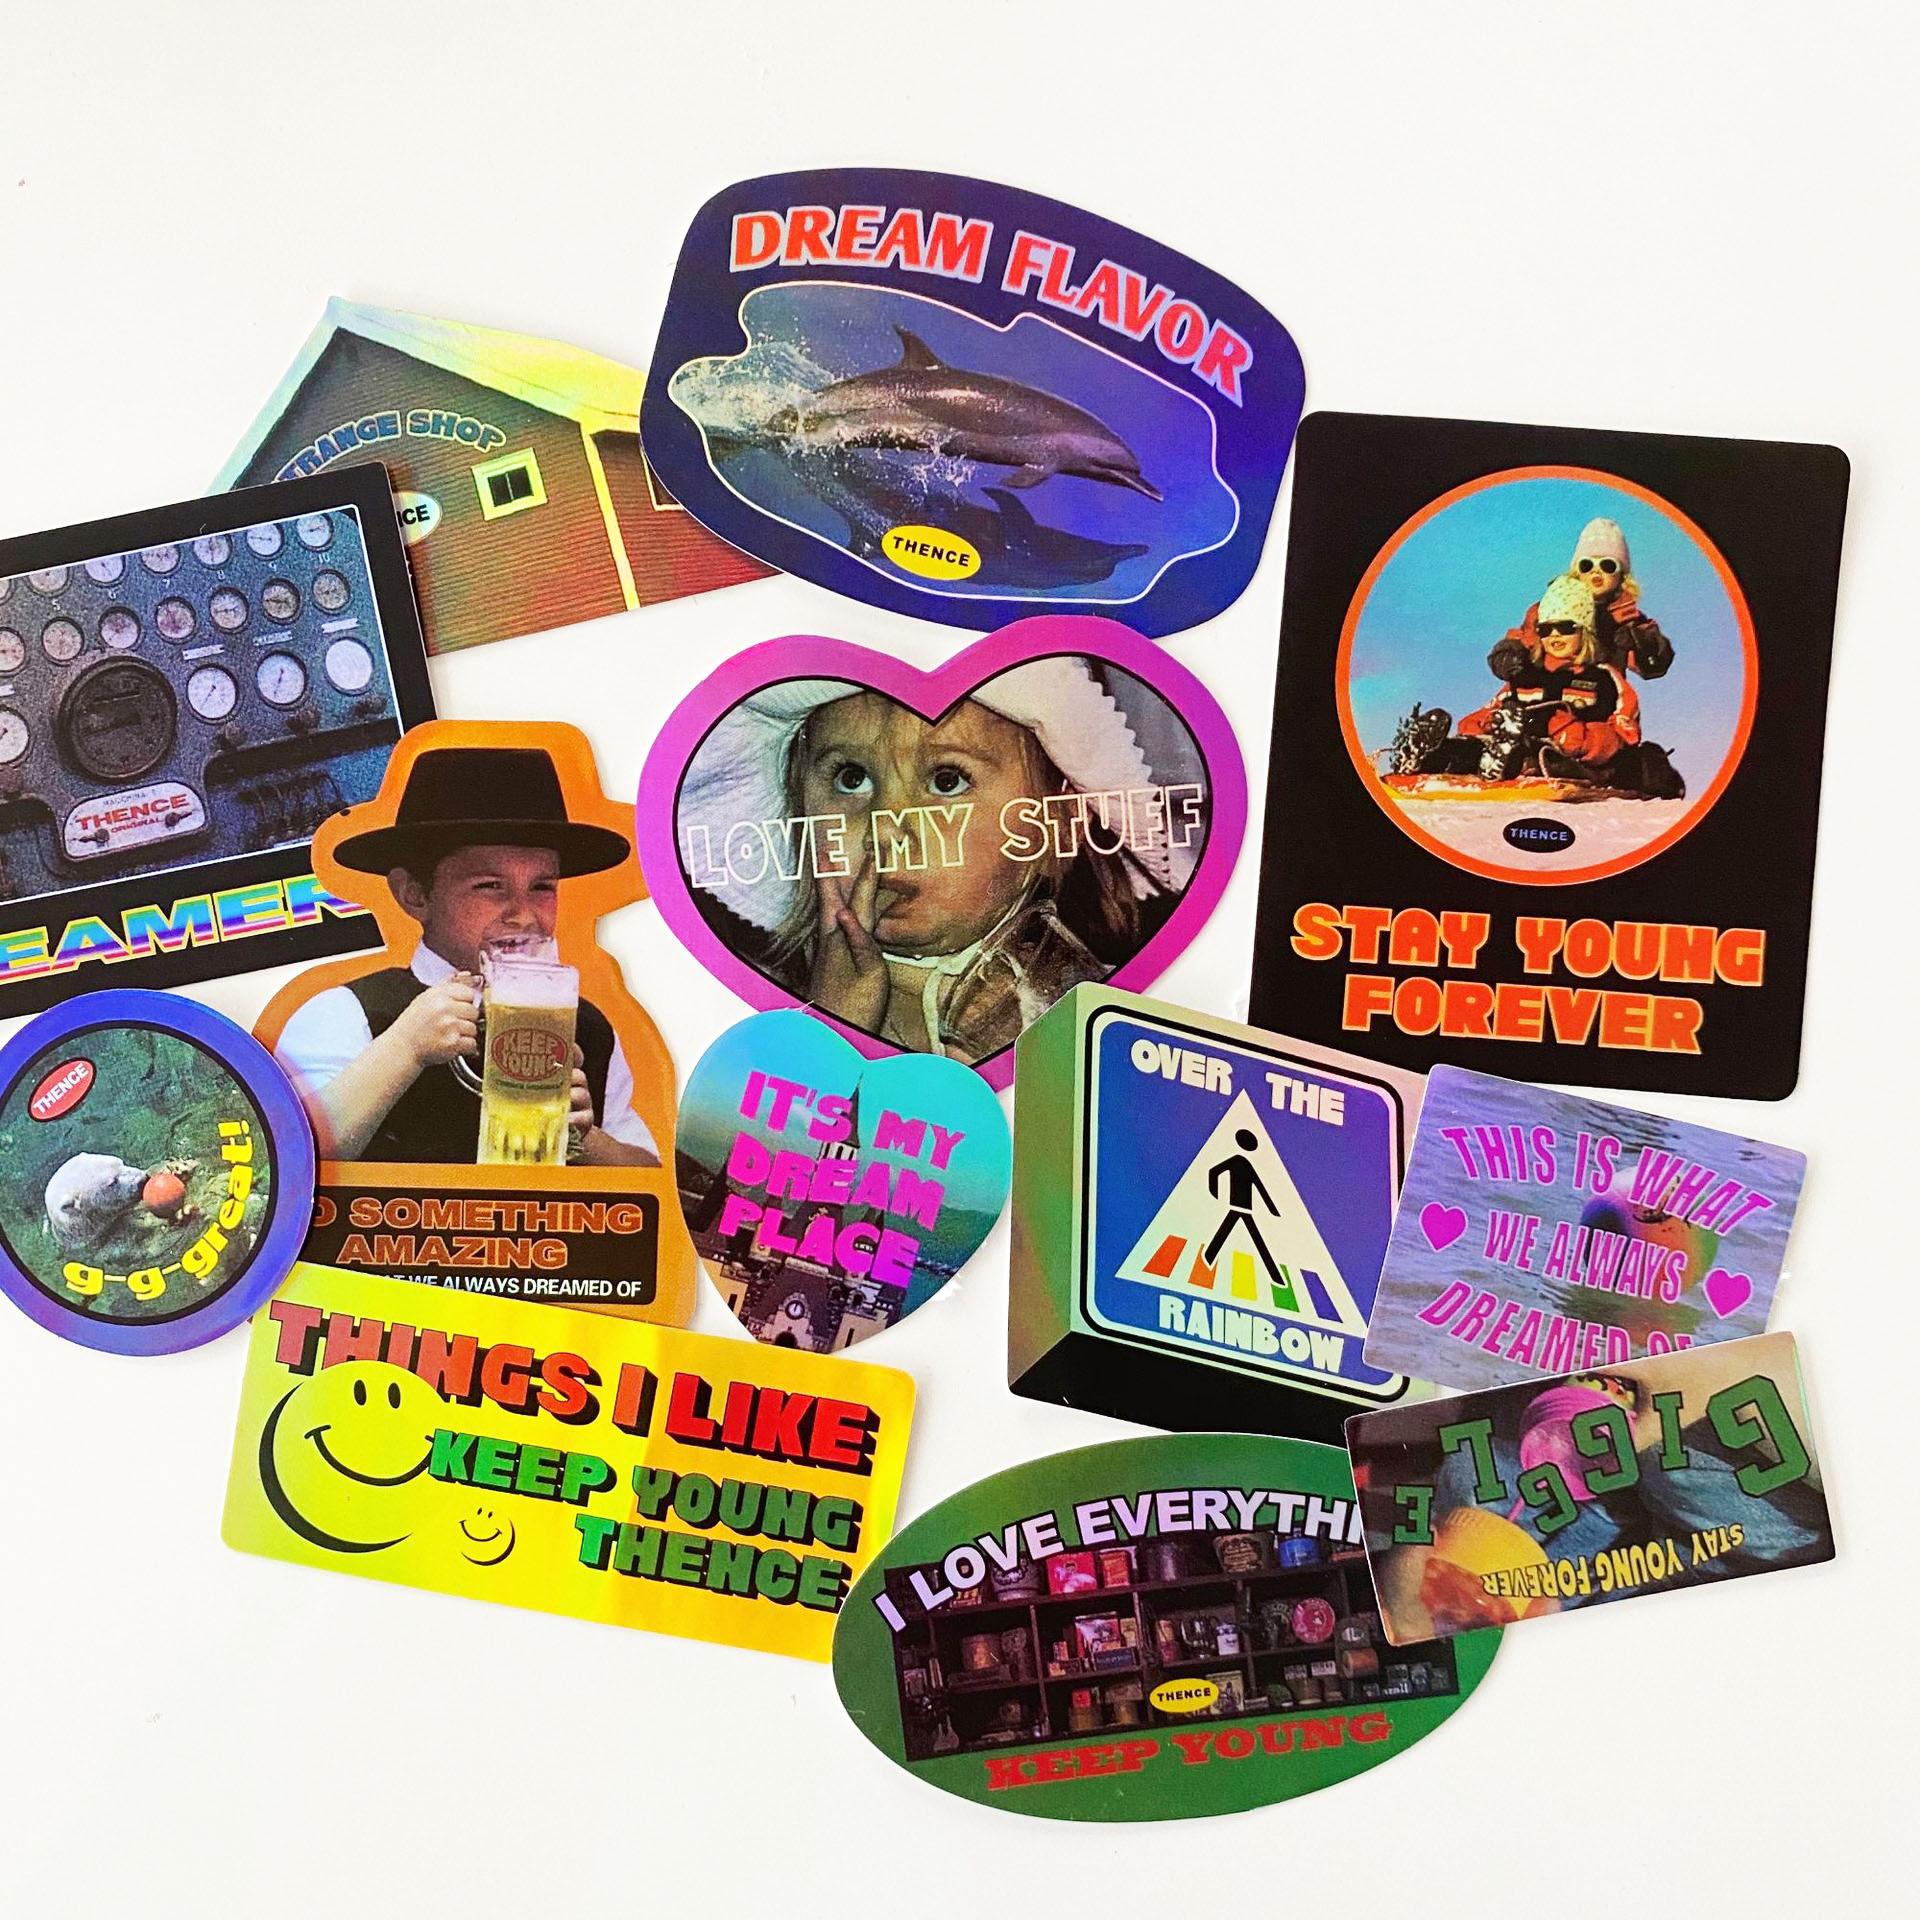 adesivo-decorativo-scrapbooking-laser-a-colori-vintage-rosa-diario-coreano-fai-da-te-album-telefono-ipad-stick-etichetta-cancelleria-kawaii